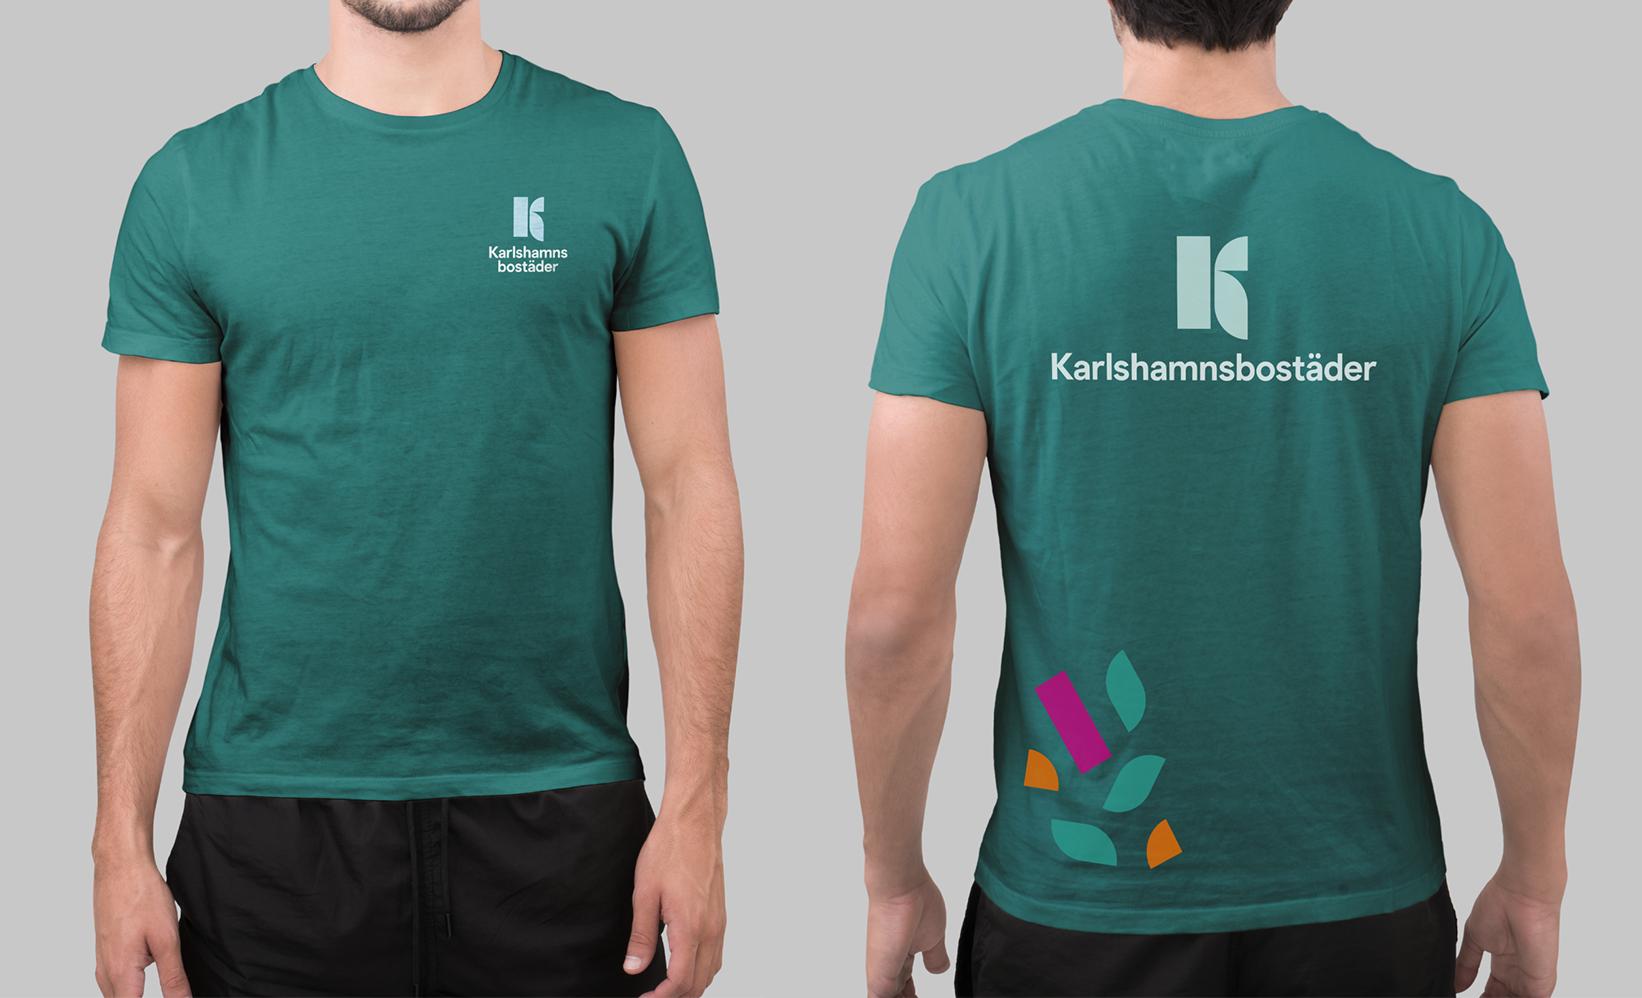 kb_tshirt_kort